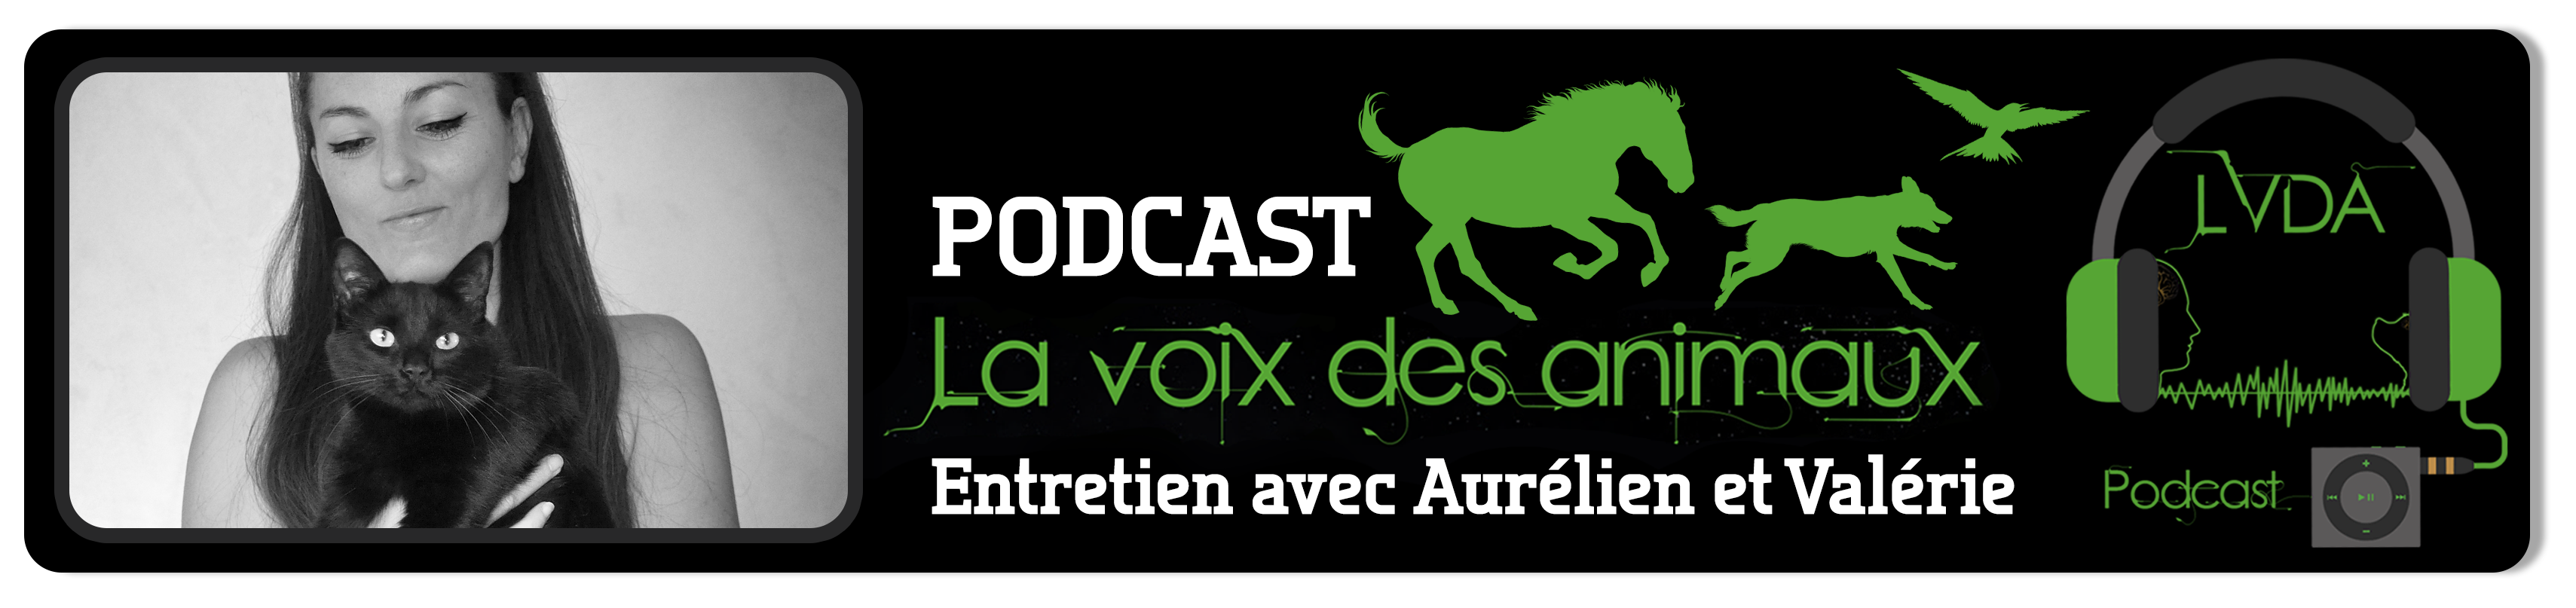 Bannière Podcast LVDA